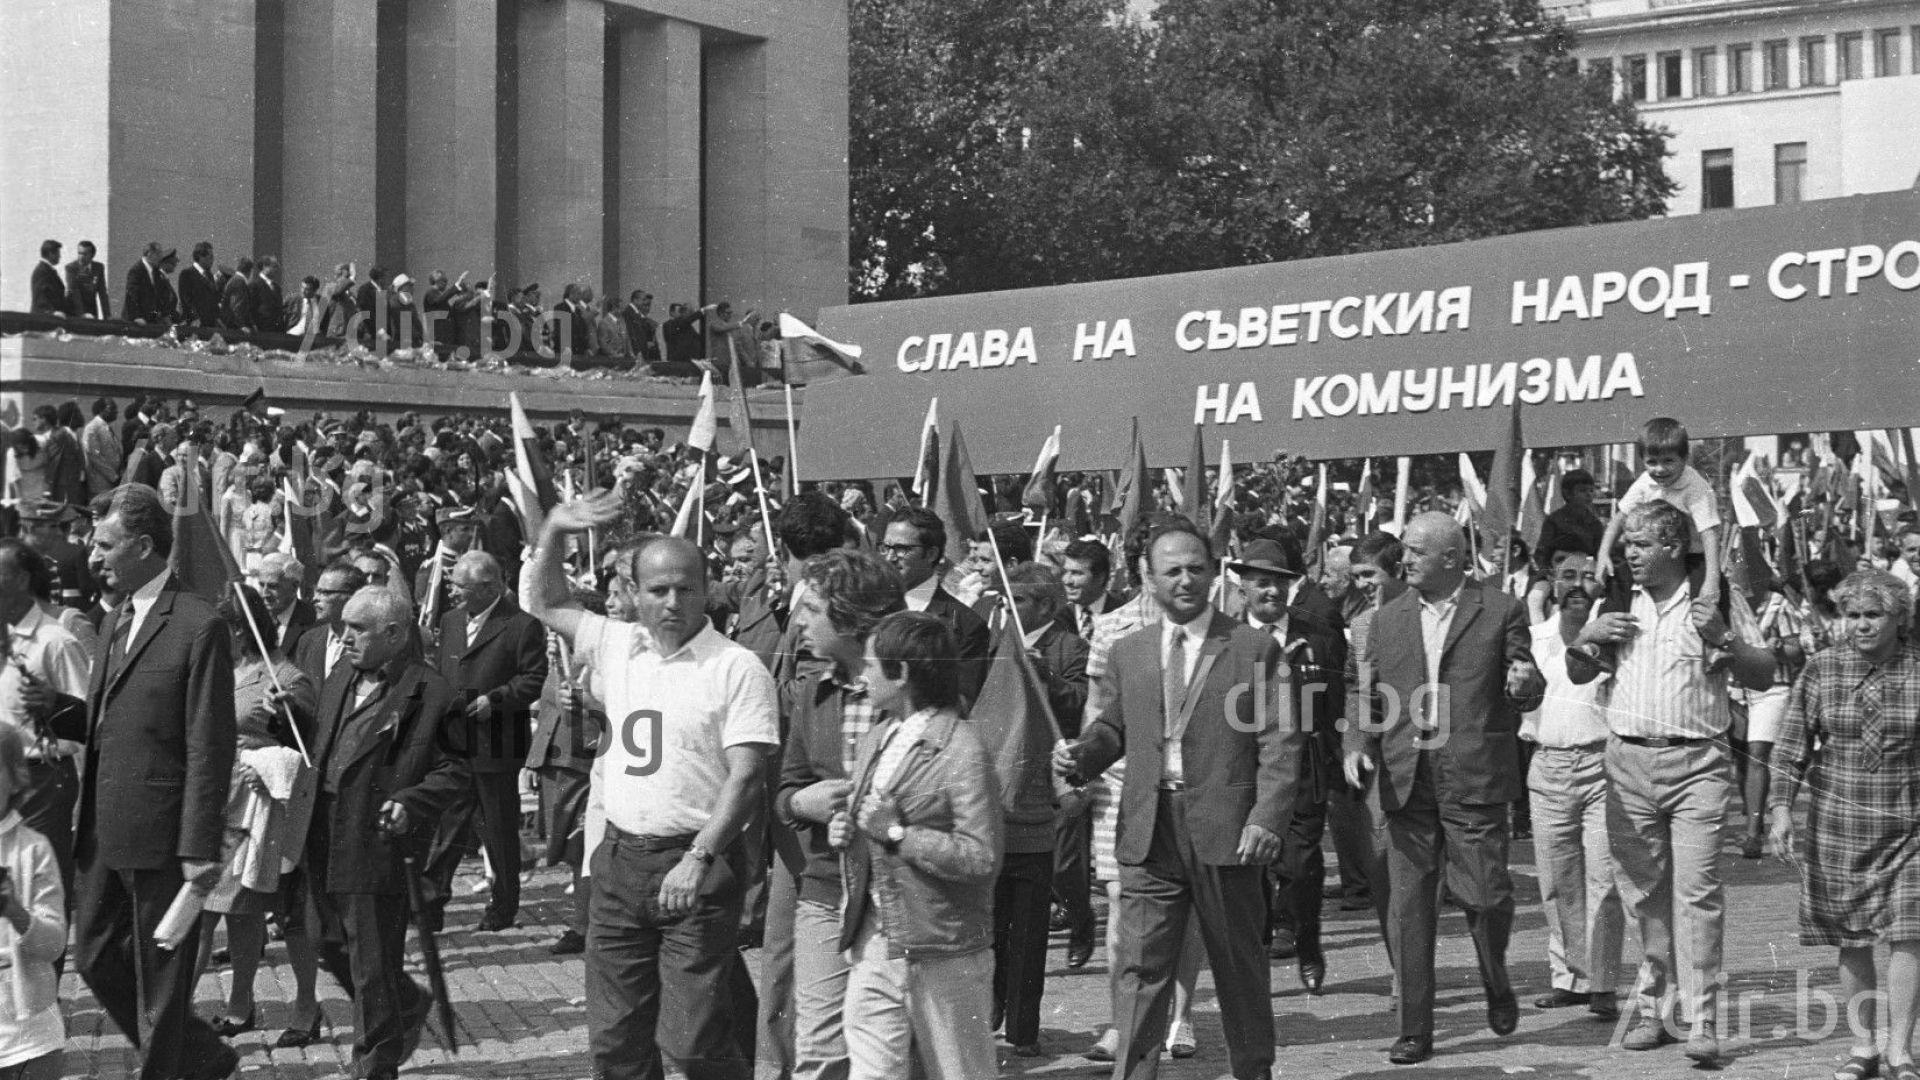 Манифестацията по случай 30-години  от 9 септември 1974 г.